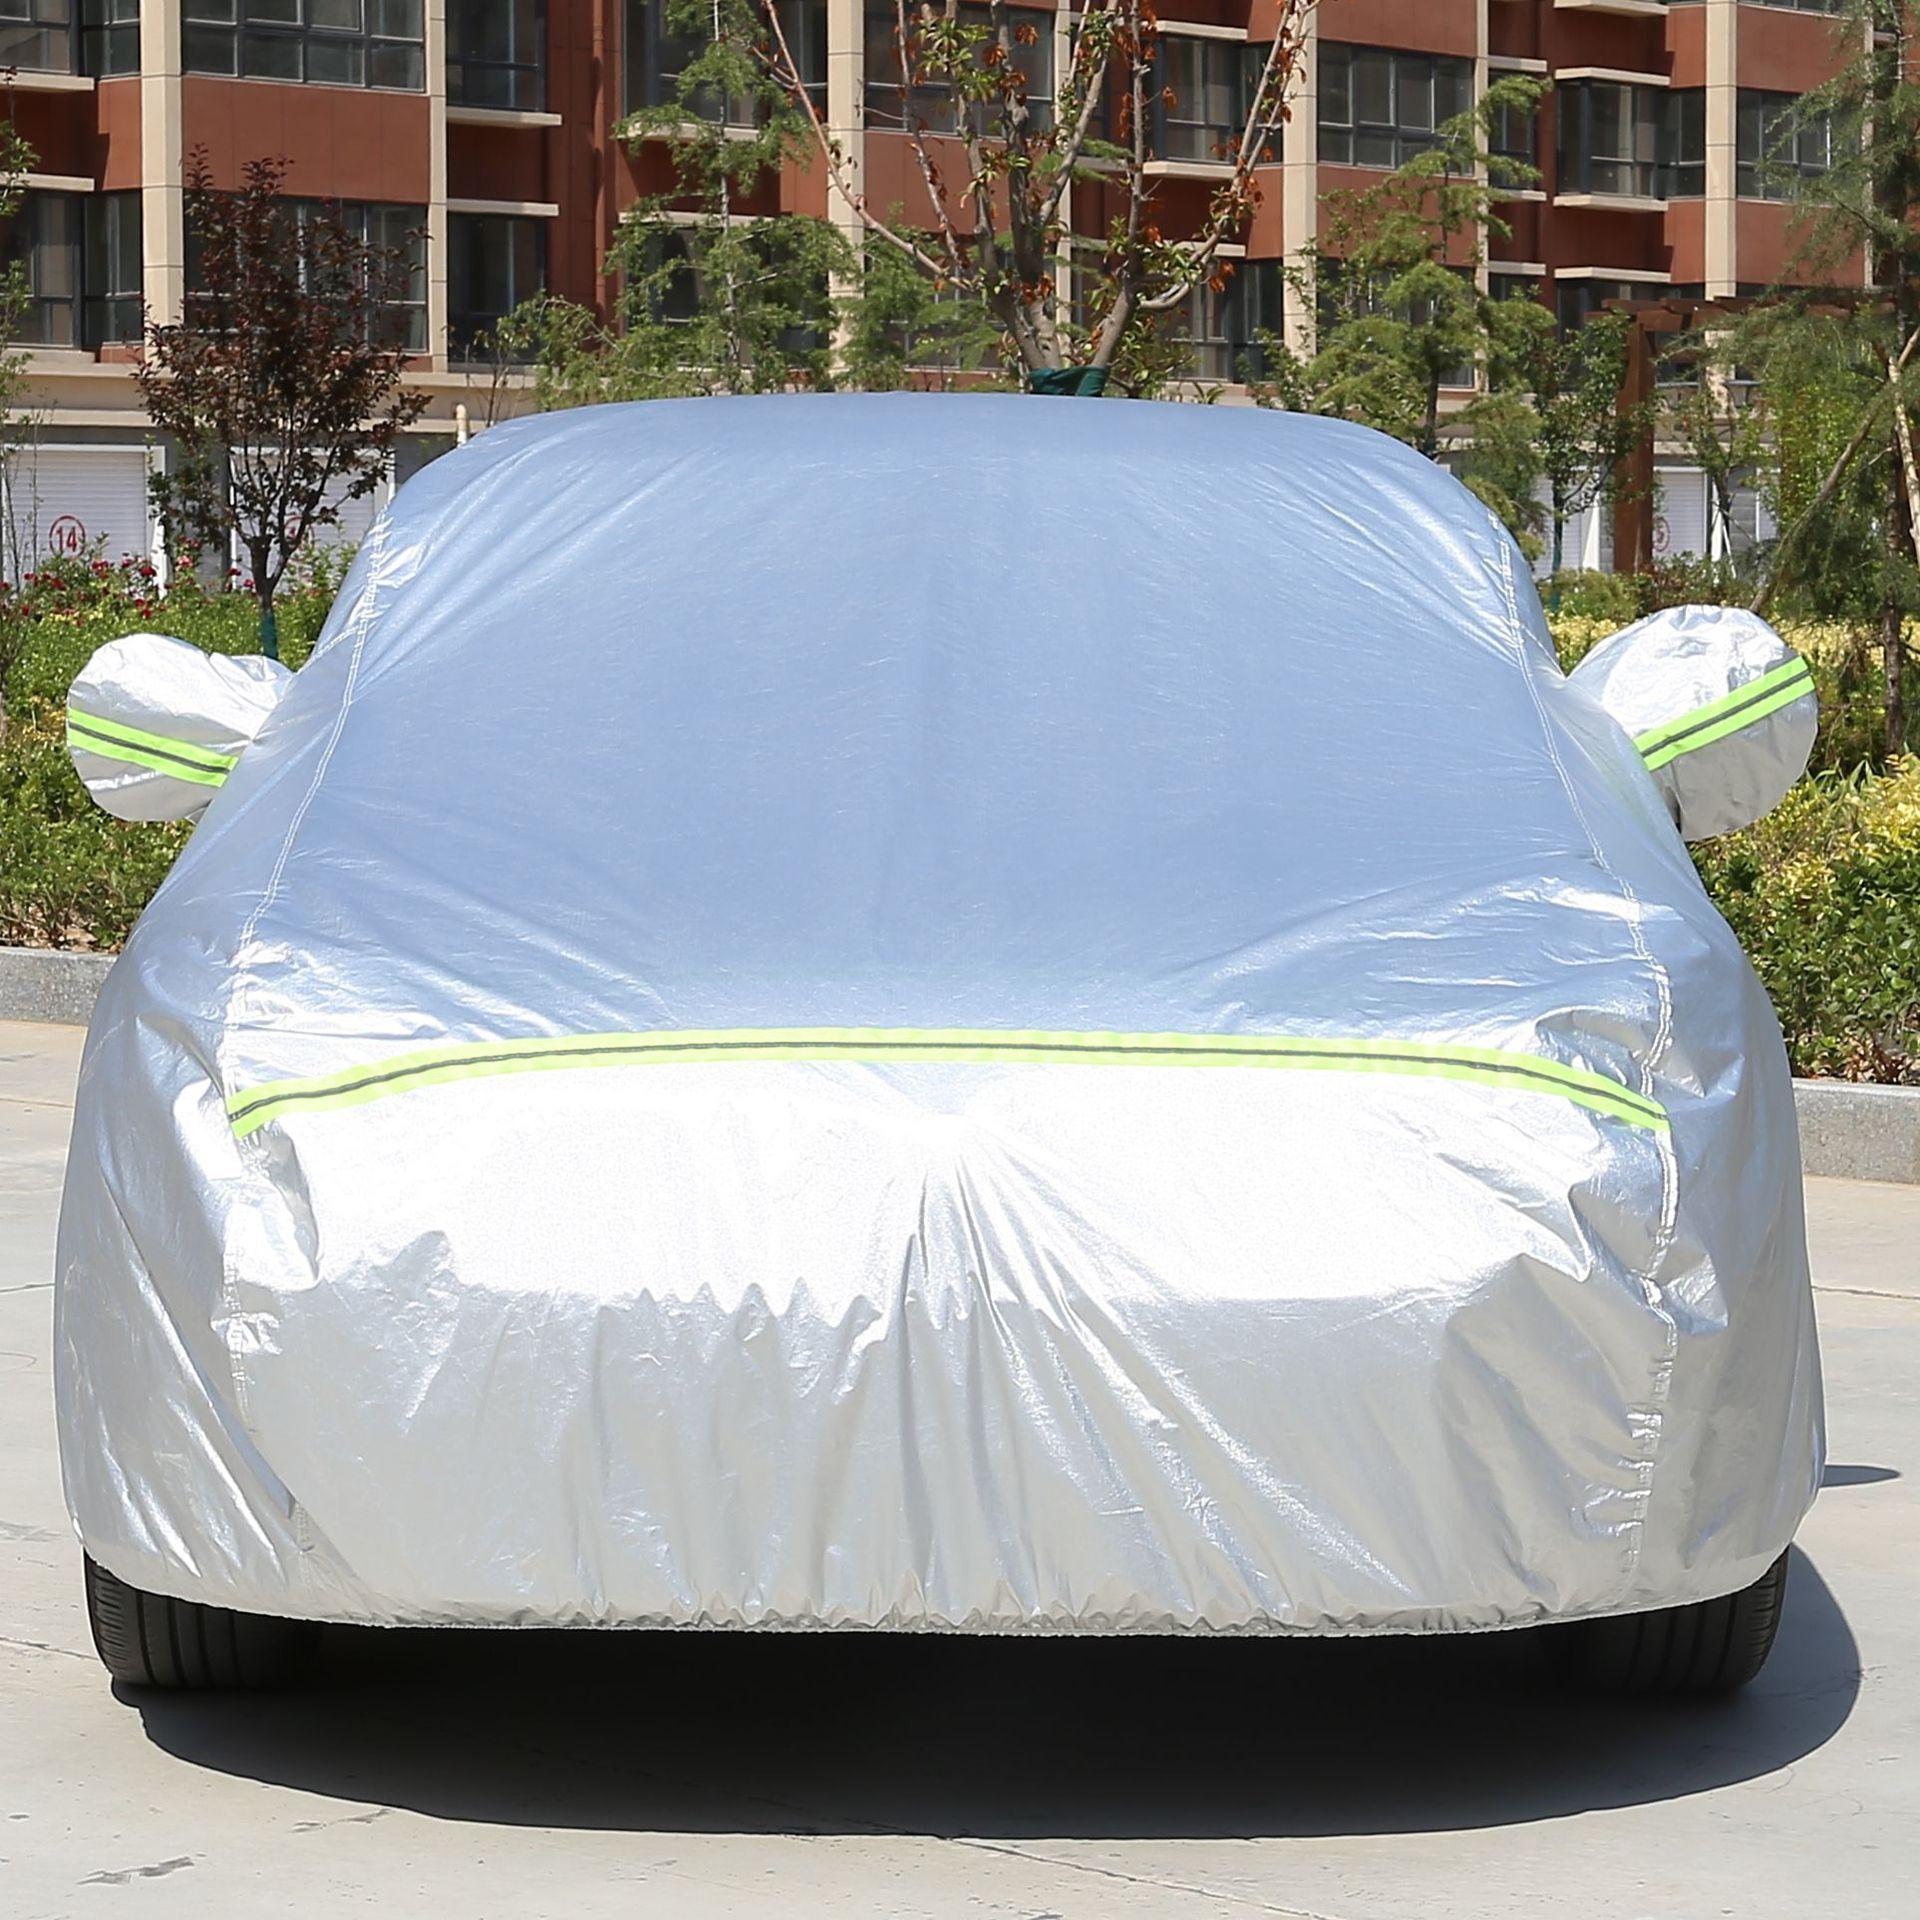 Áo trùm xe hơi Nhà máy trực tiếp bông len đệm xe quần áo che nắng xe